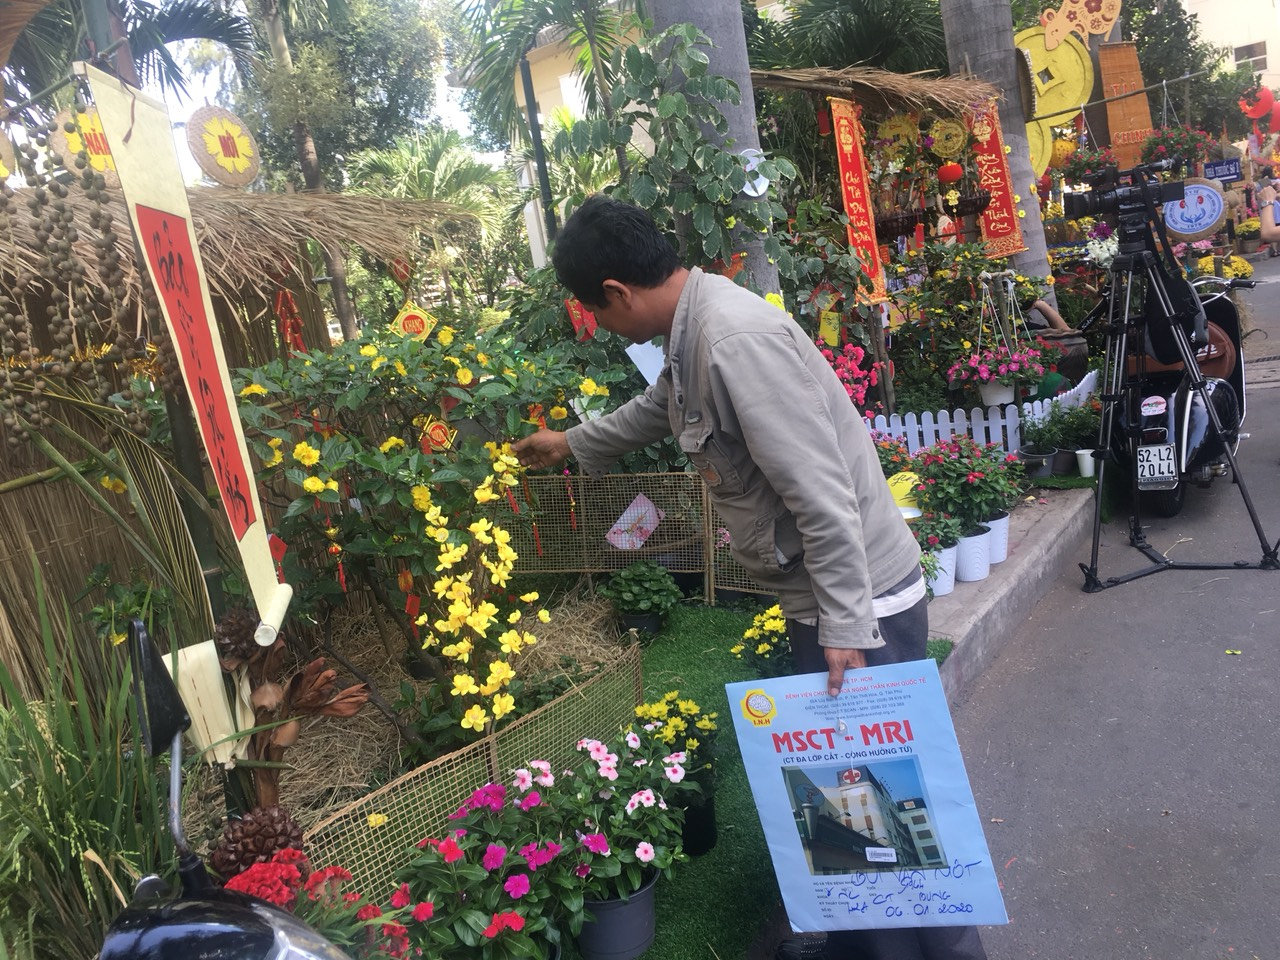 Ông Bùi Văn Một bày tỏ mong ước các bệnh viện đều có đường hoa để bệnh nhân thấy ấm áp